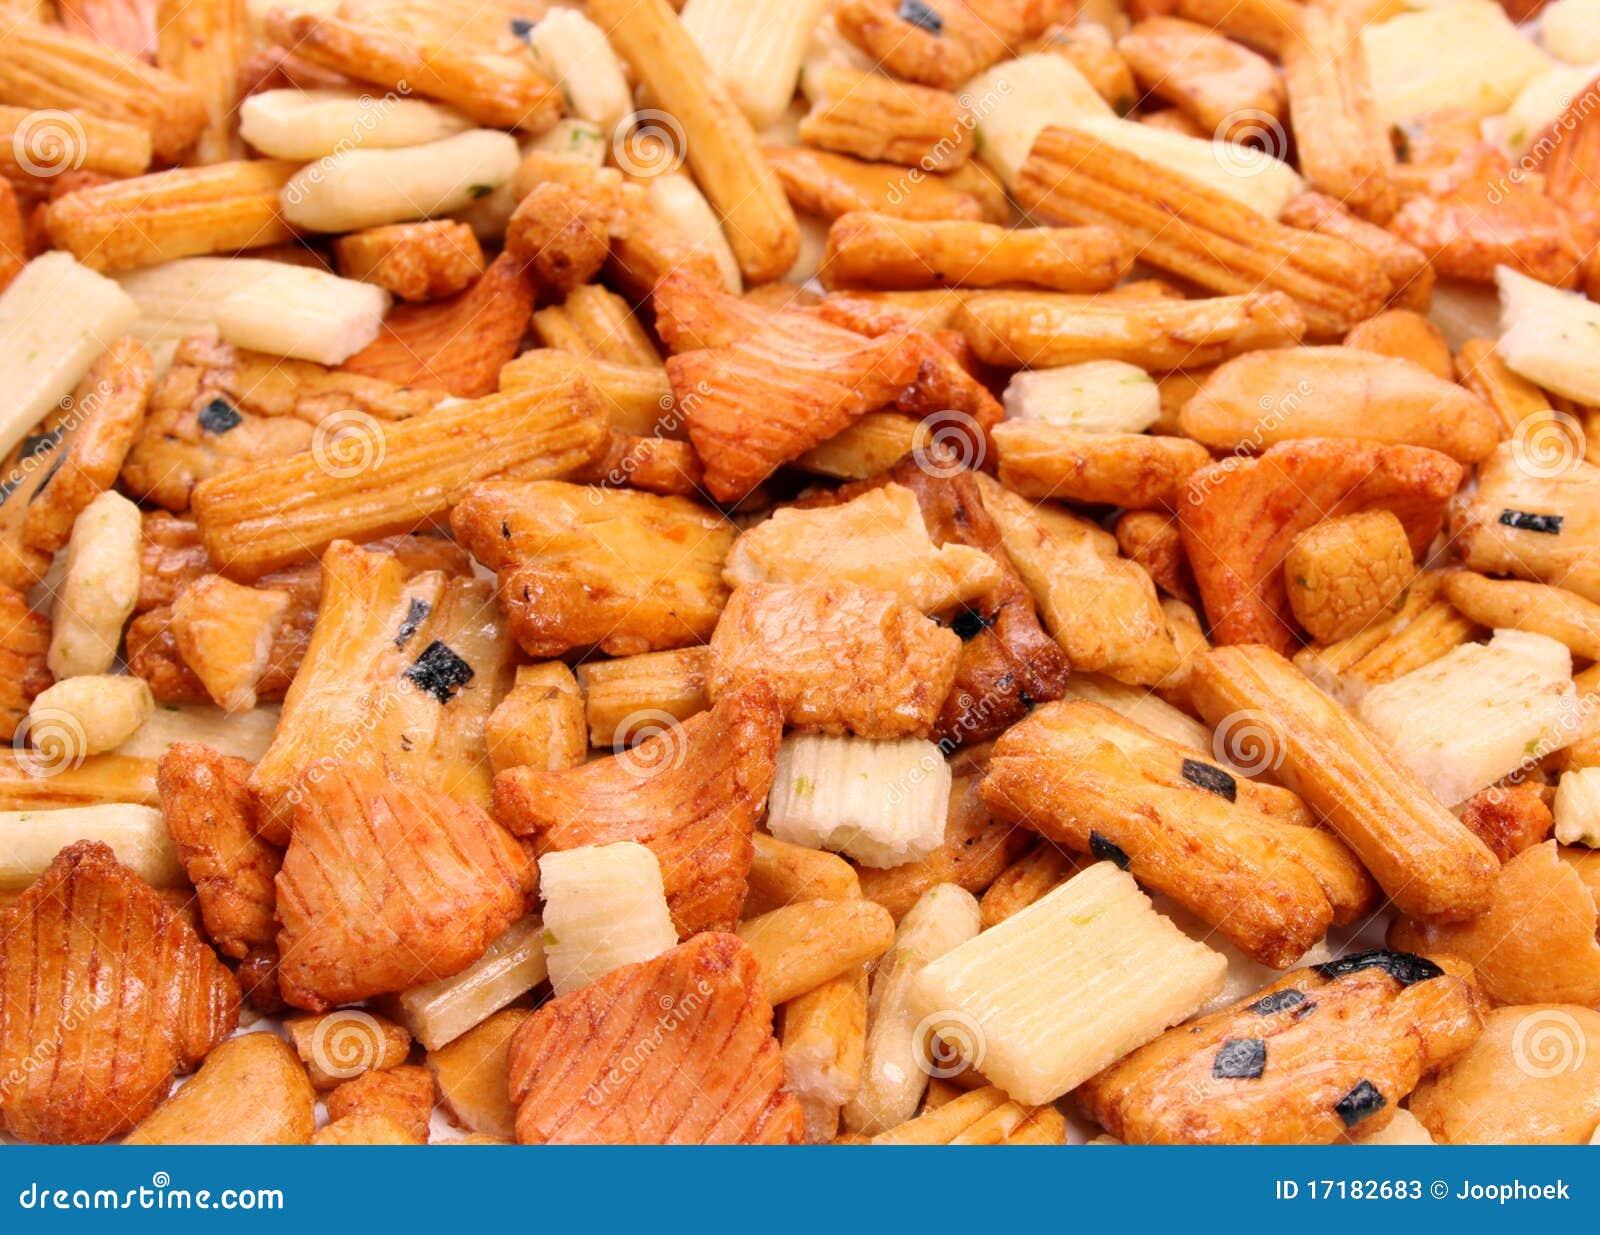 Рисовые крекеры рецепт livejournal com